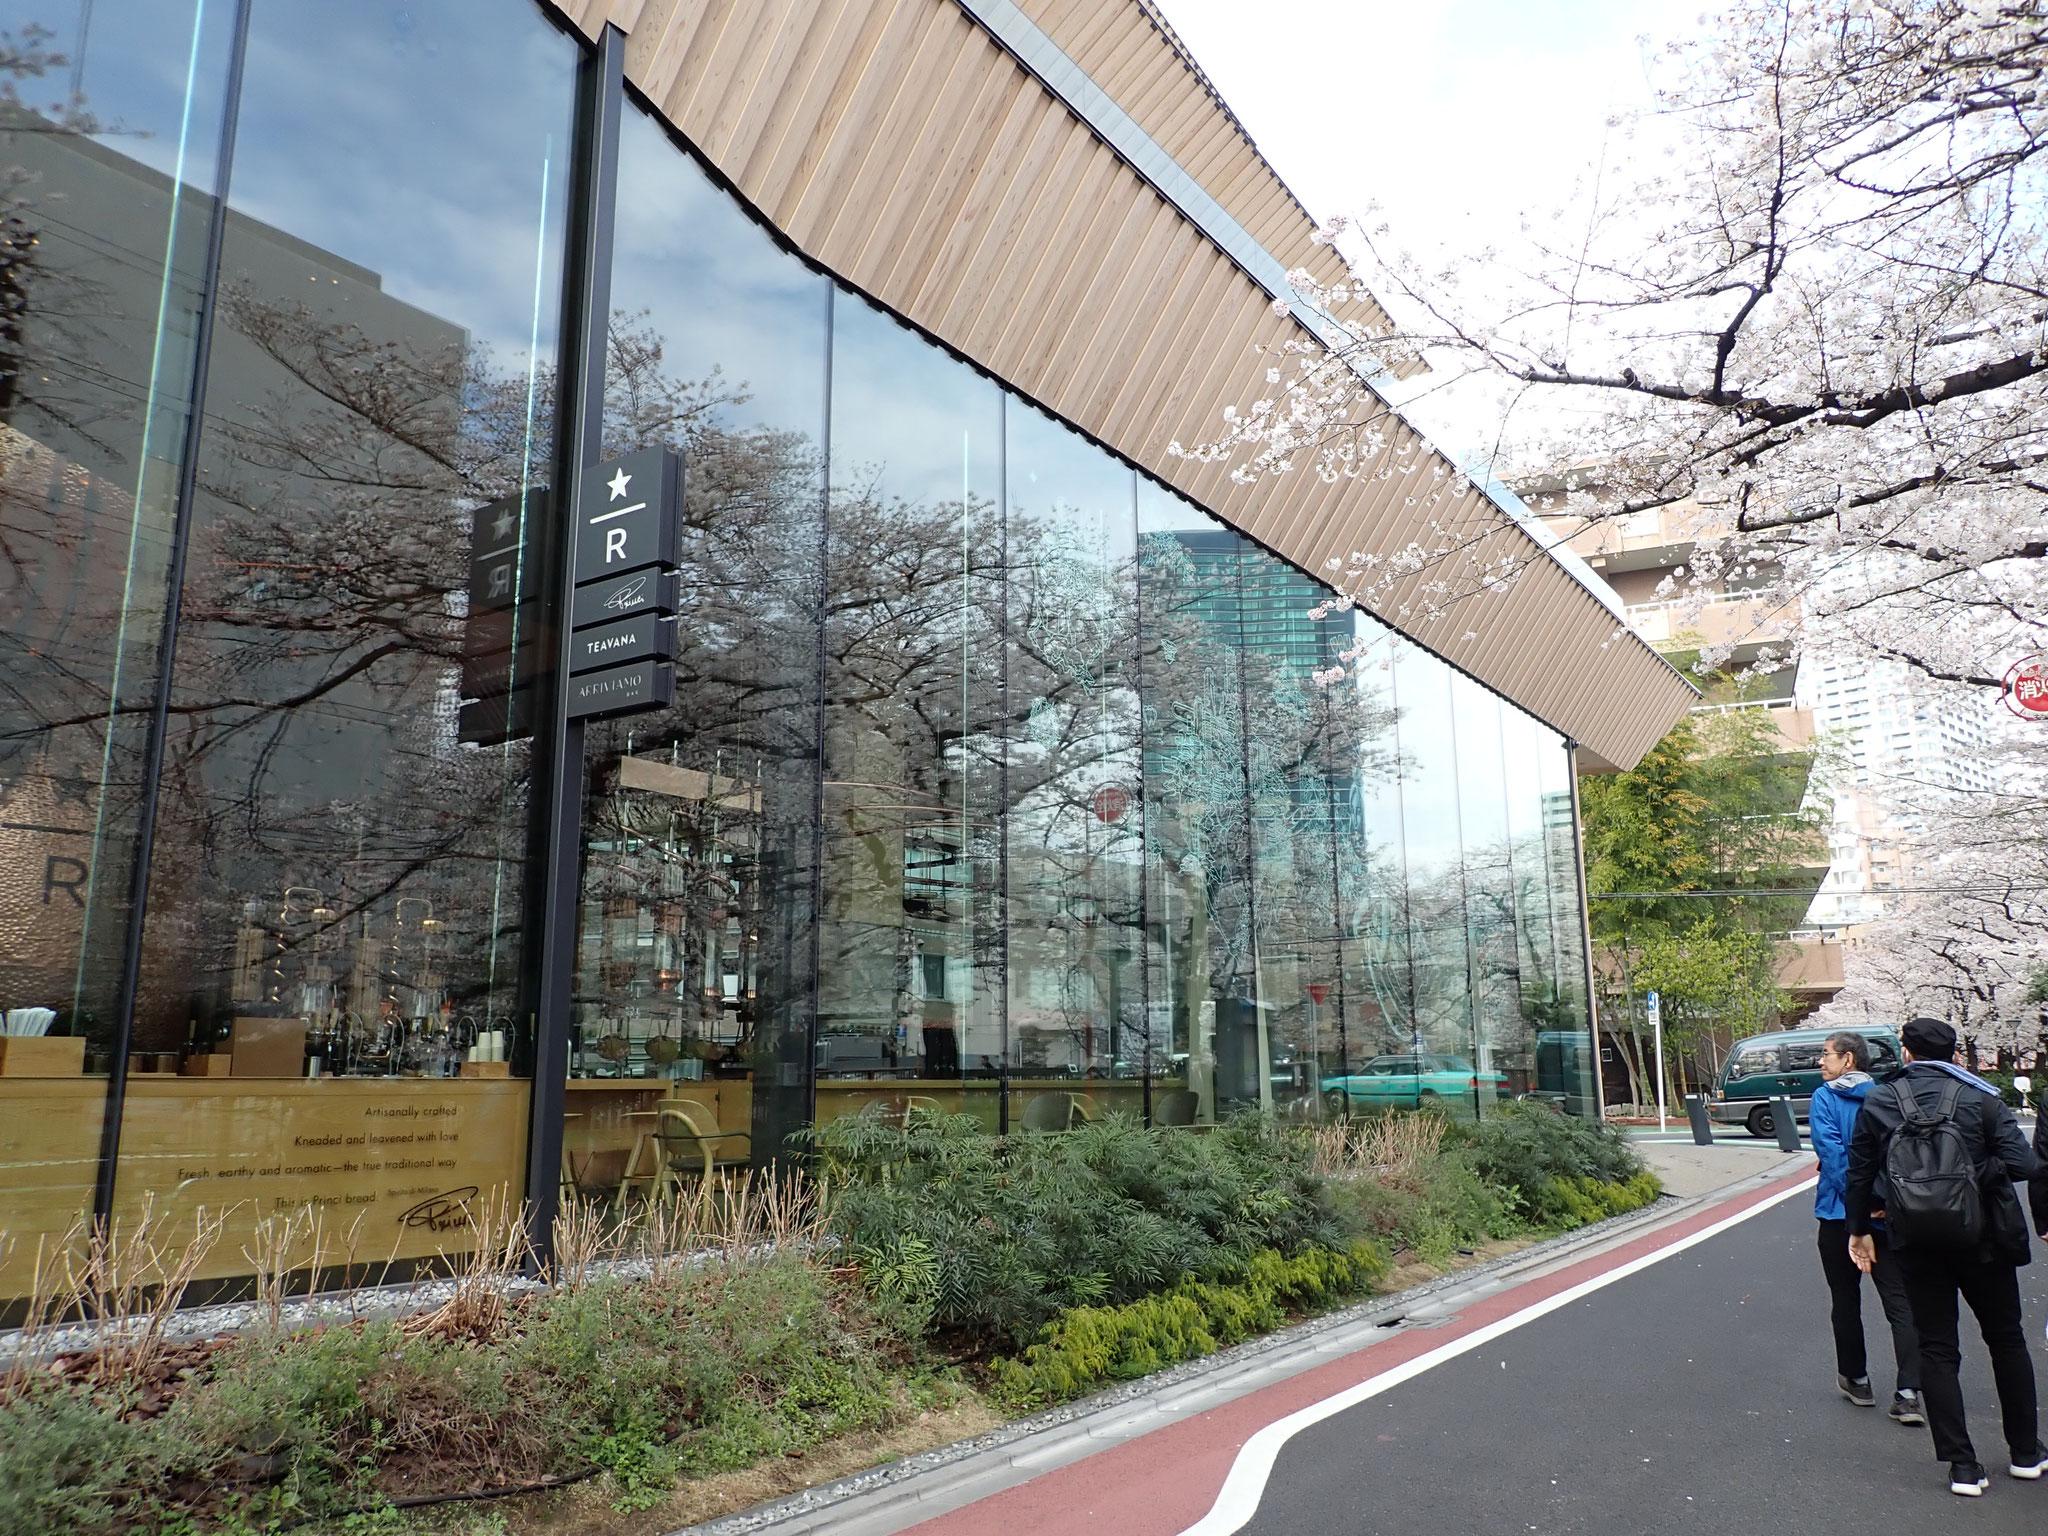 【目黒川南部橋付近スタバ】ガラスの壁面に映った桜。建物は、スタバが世界で5店舗目にここにオープンしたという特別店舗、隈研吾氏とのコラボだそう。